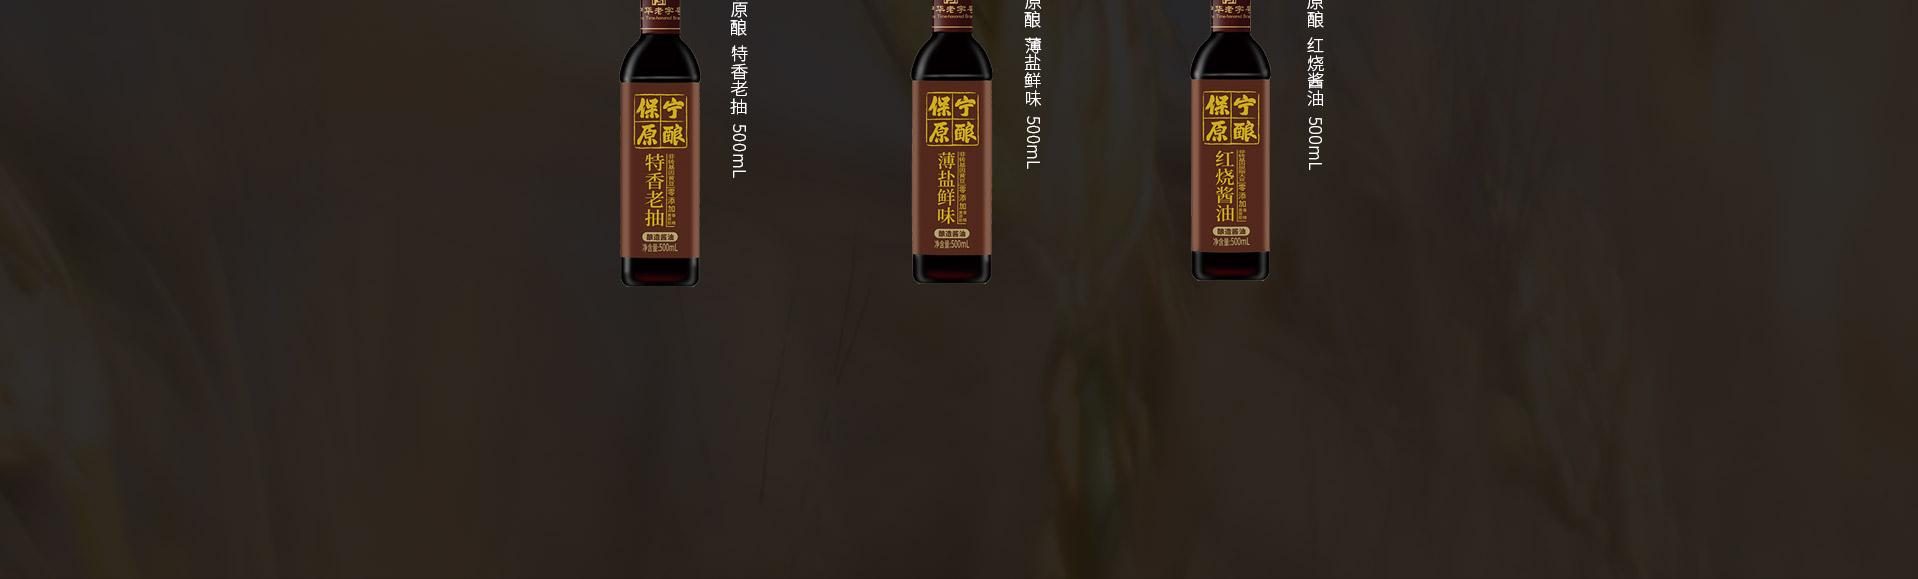 产品-酱油_06.jpg